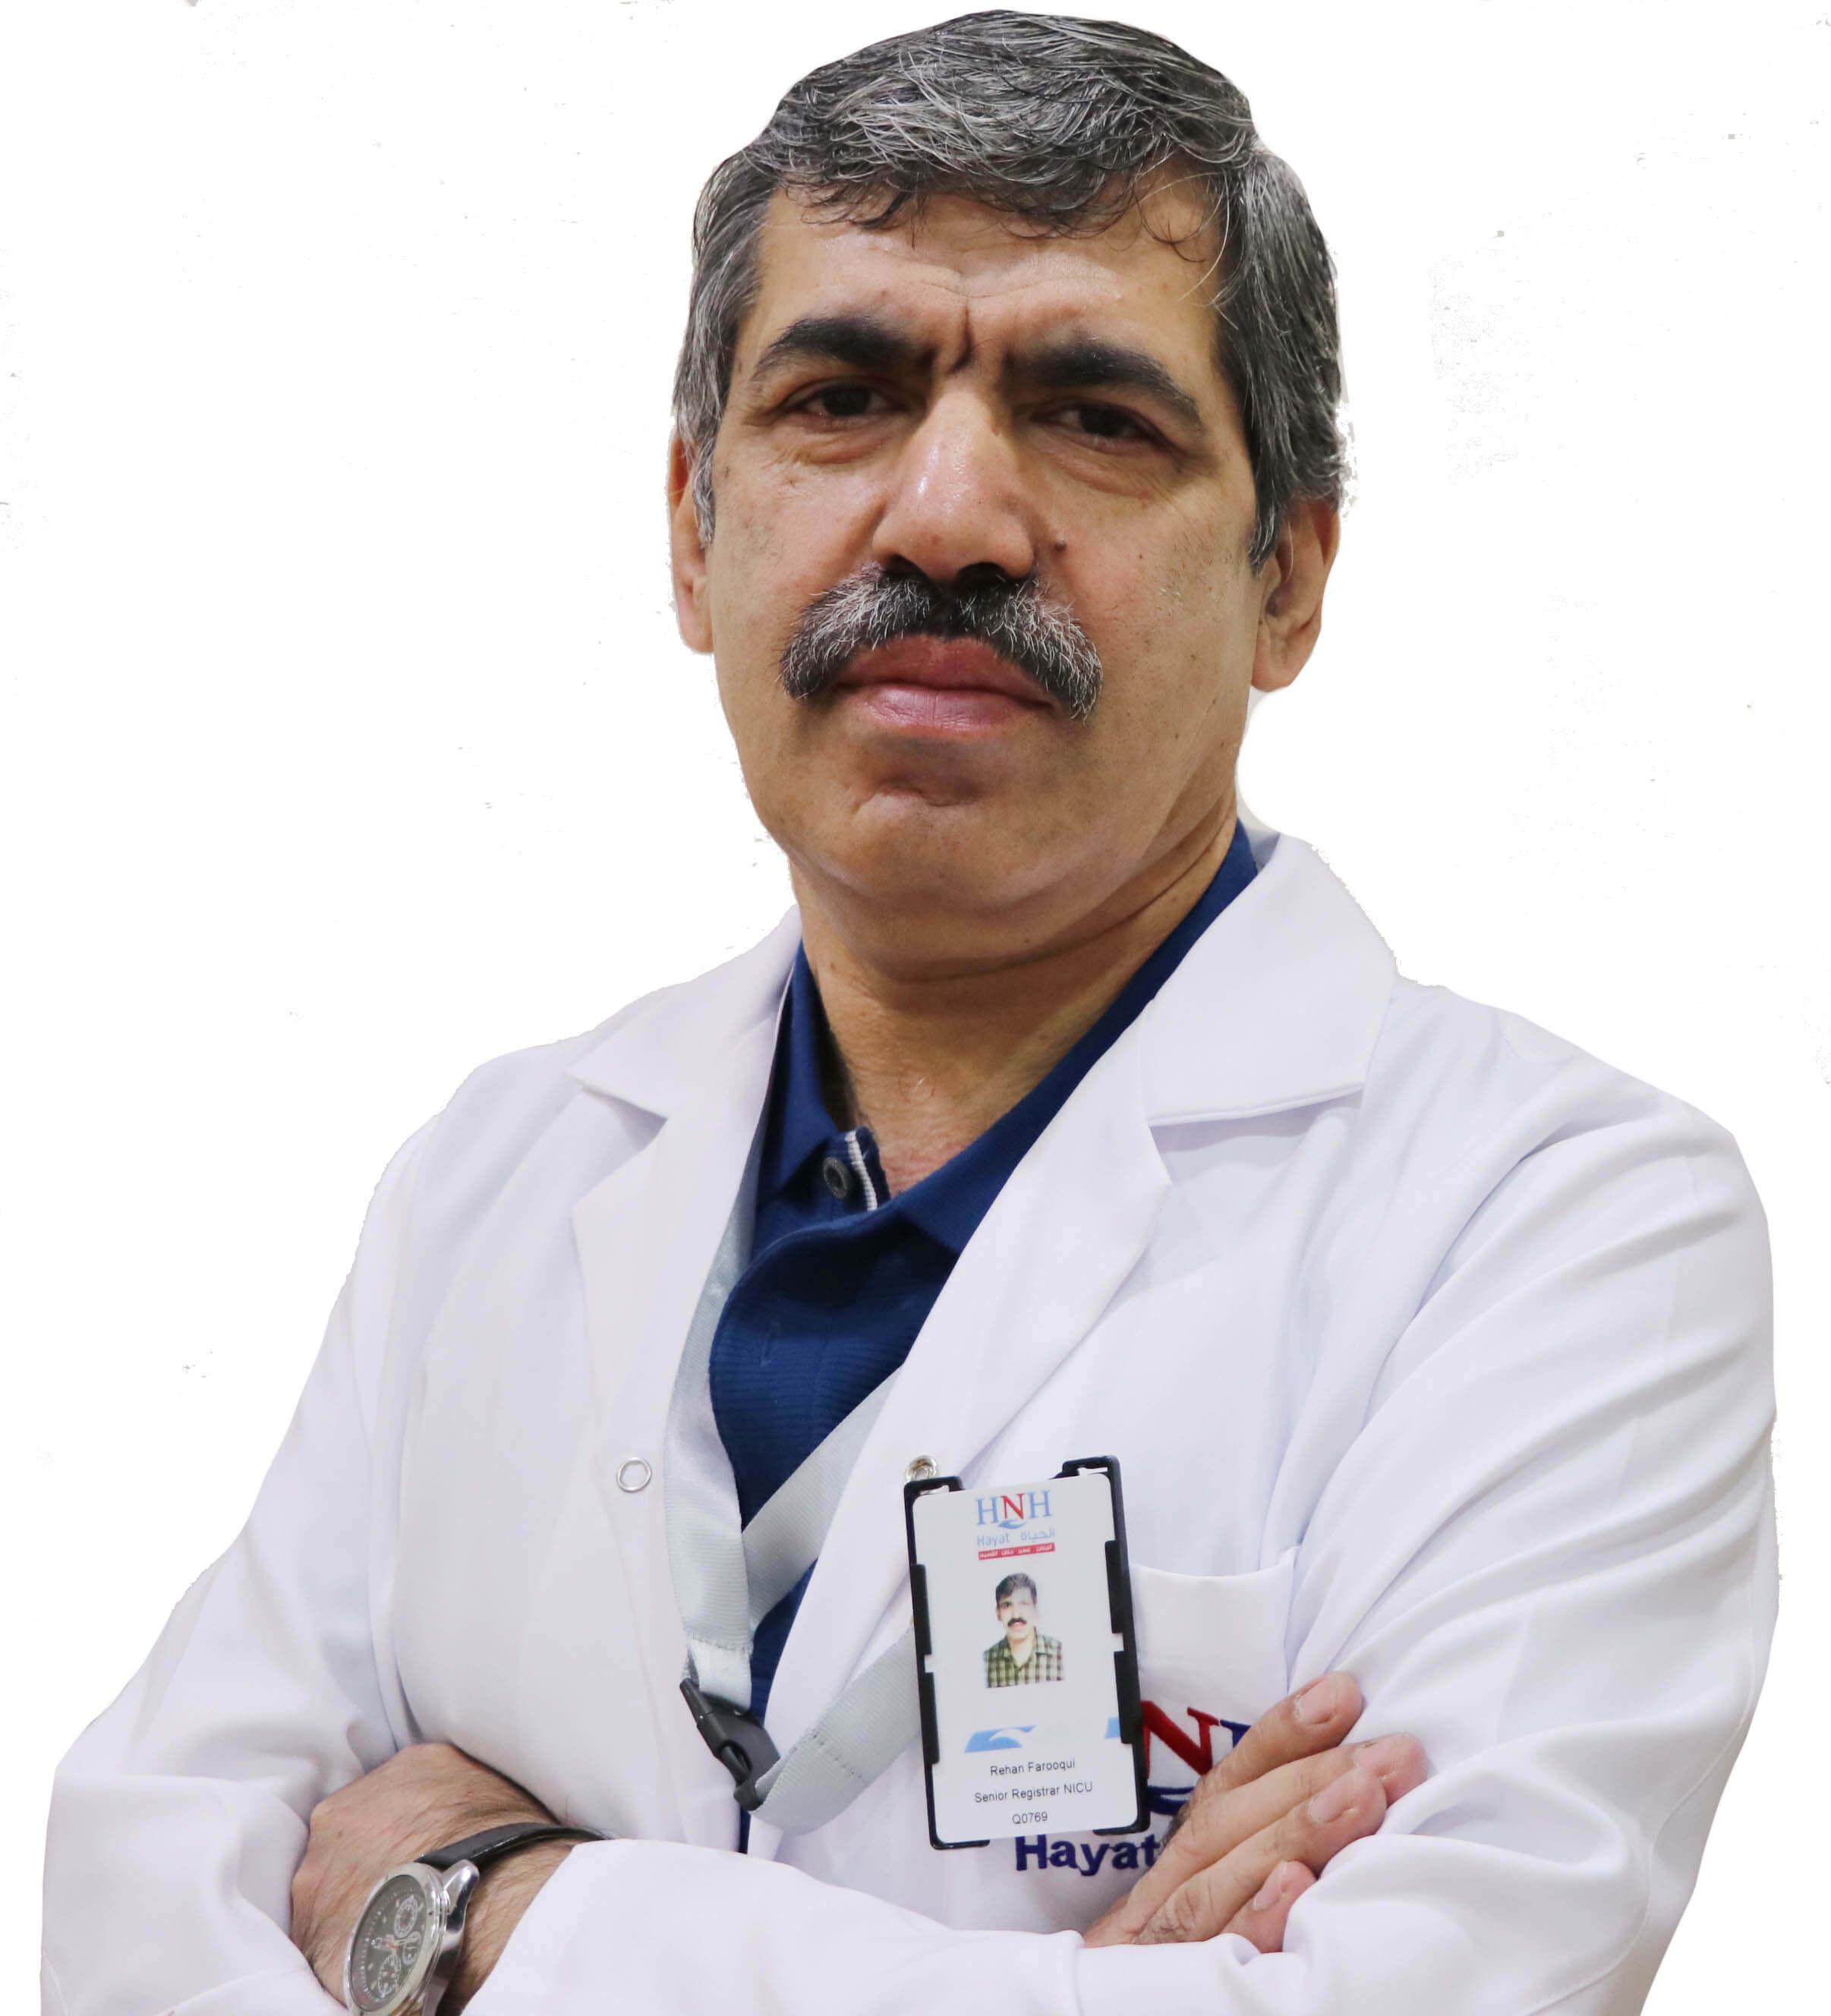 الدكتور - ريحان فاروقي | نائب أول الاطفال وحديثى الولادة | مستشفى الحياة الوطني القصيم